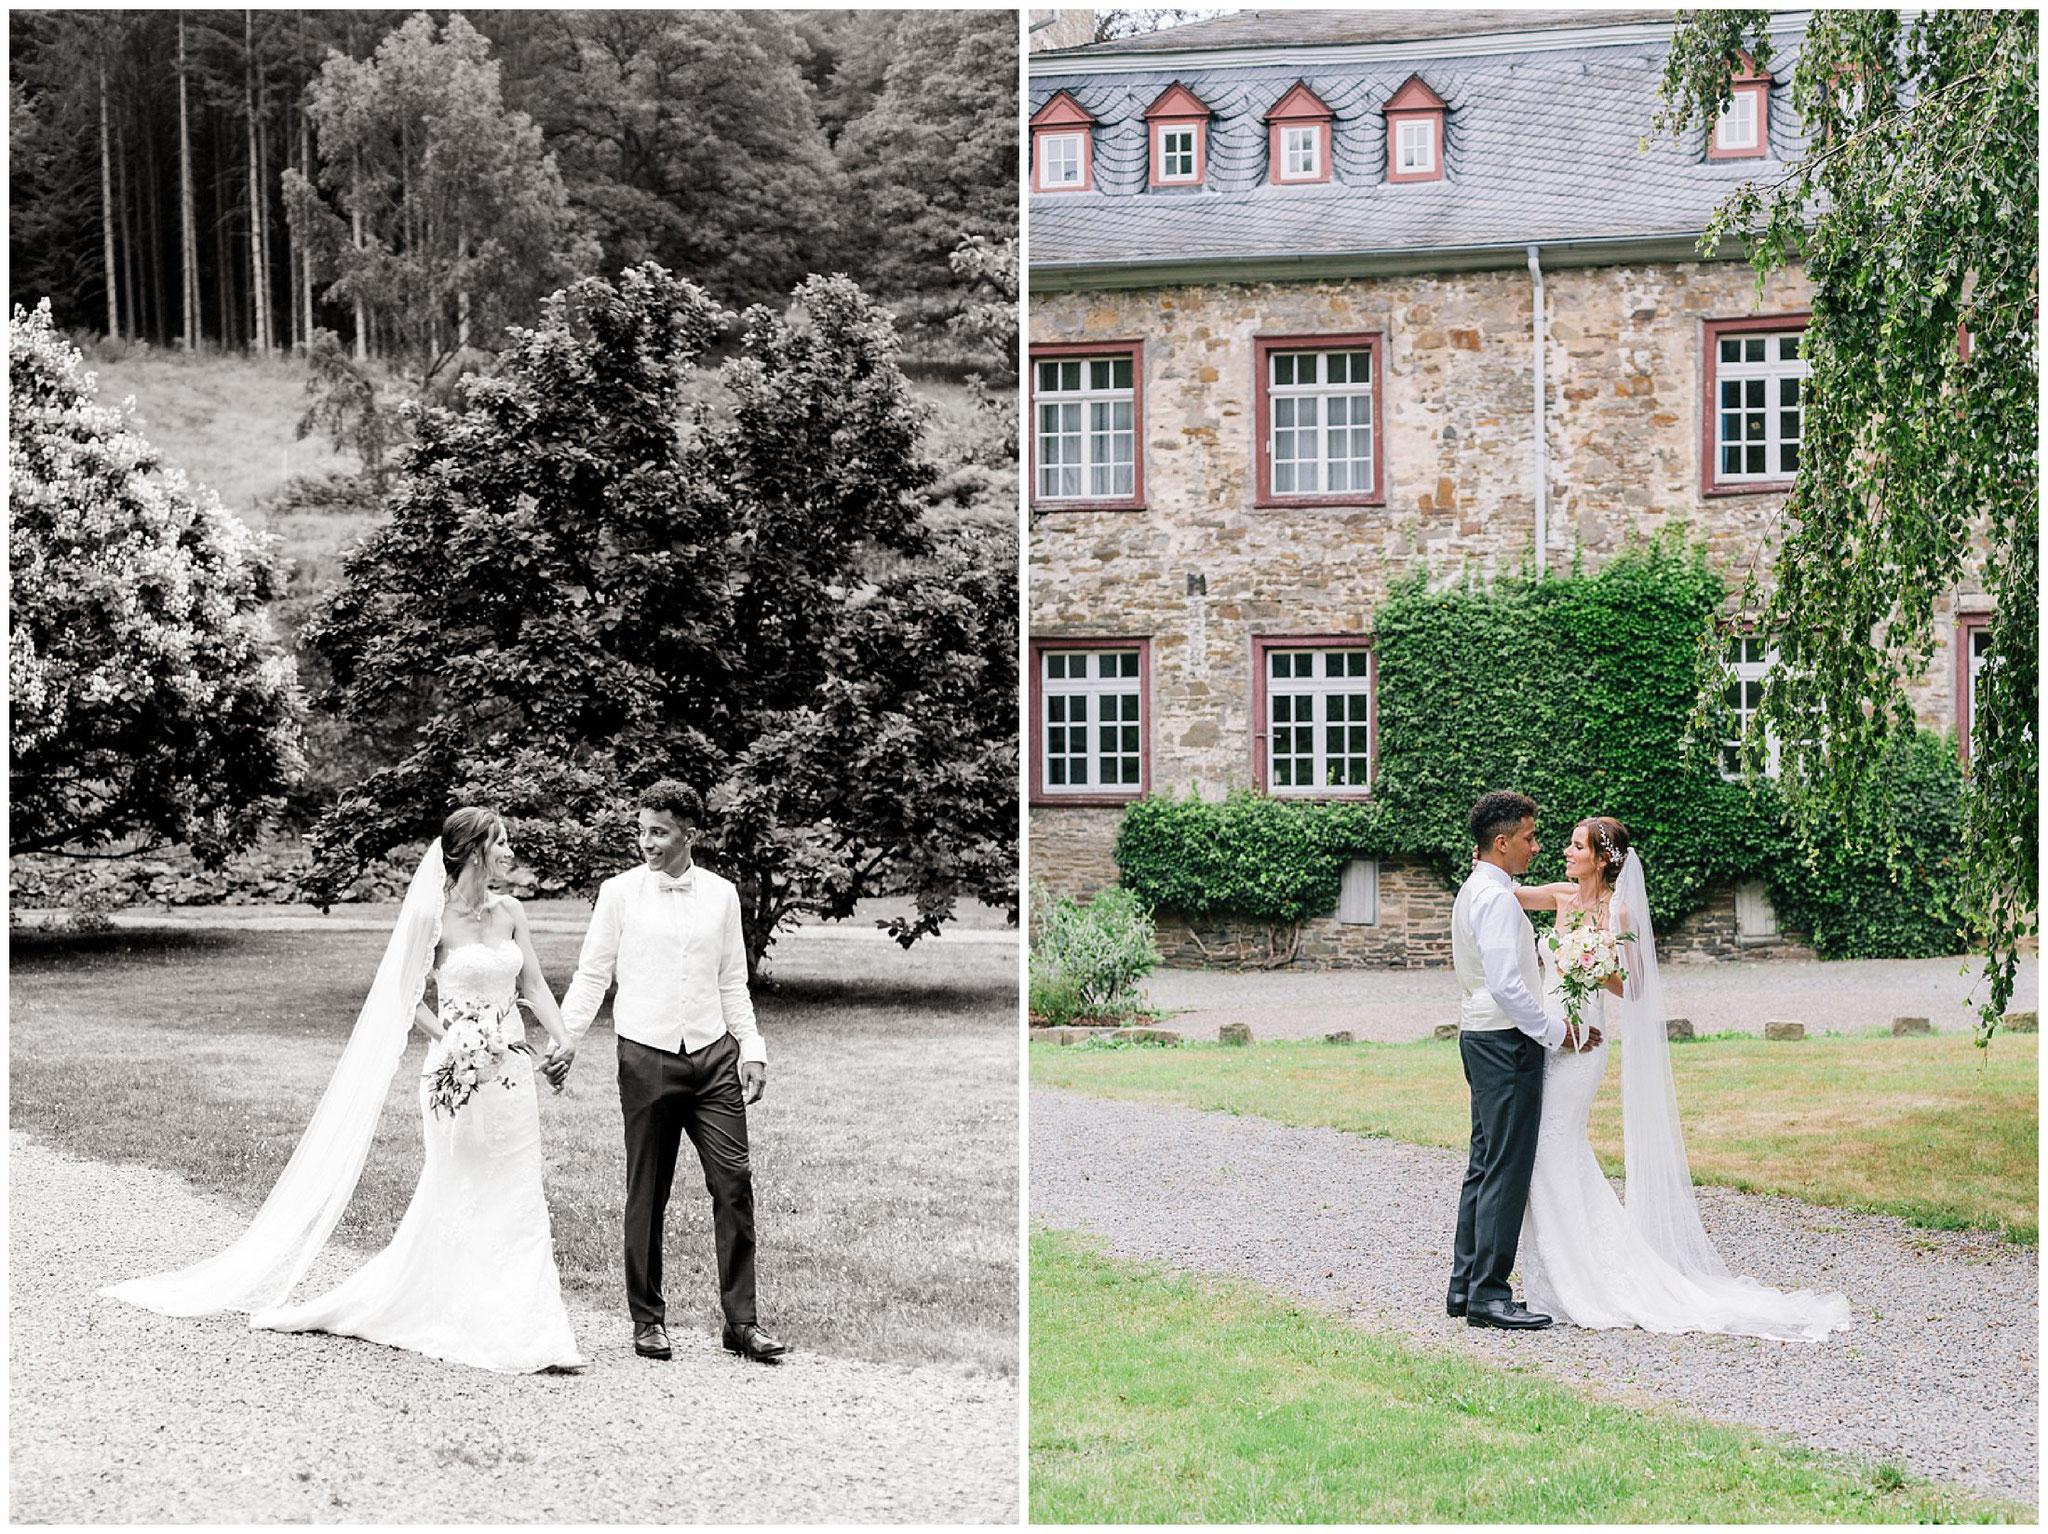 Brautpaar läuft durch Schlosspark schloss gimborn hochzeitsfotograf Engelskirchen industrial chic hochzeit fine art wedding Galerie Hammerwerk jane weber